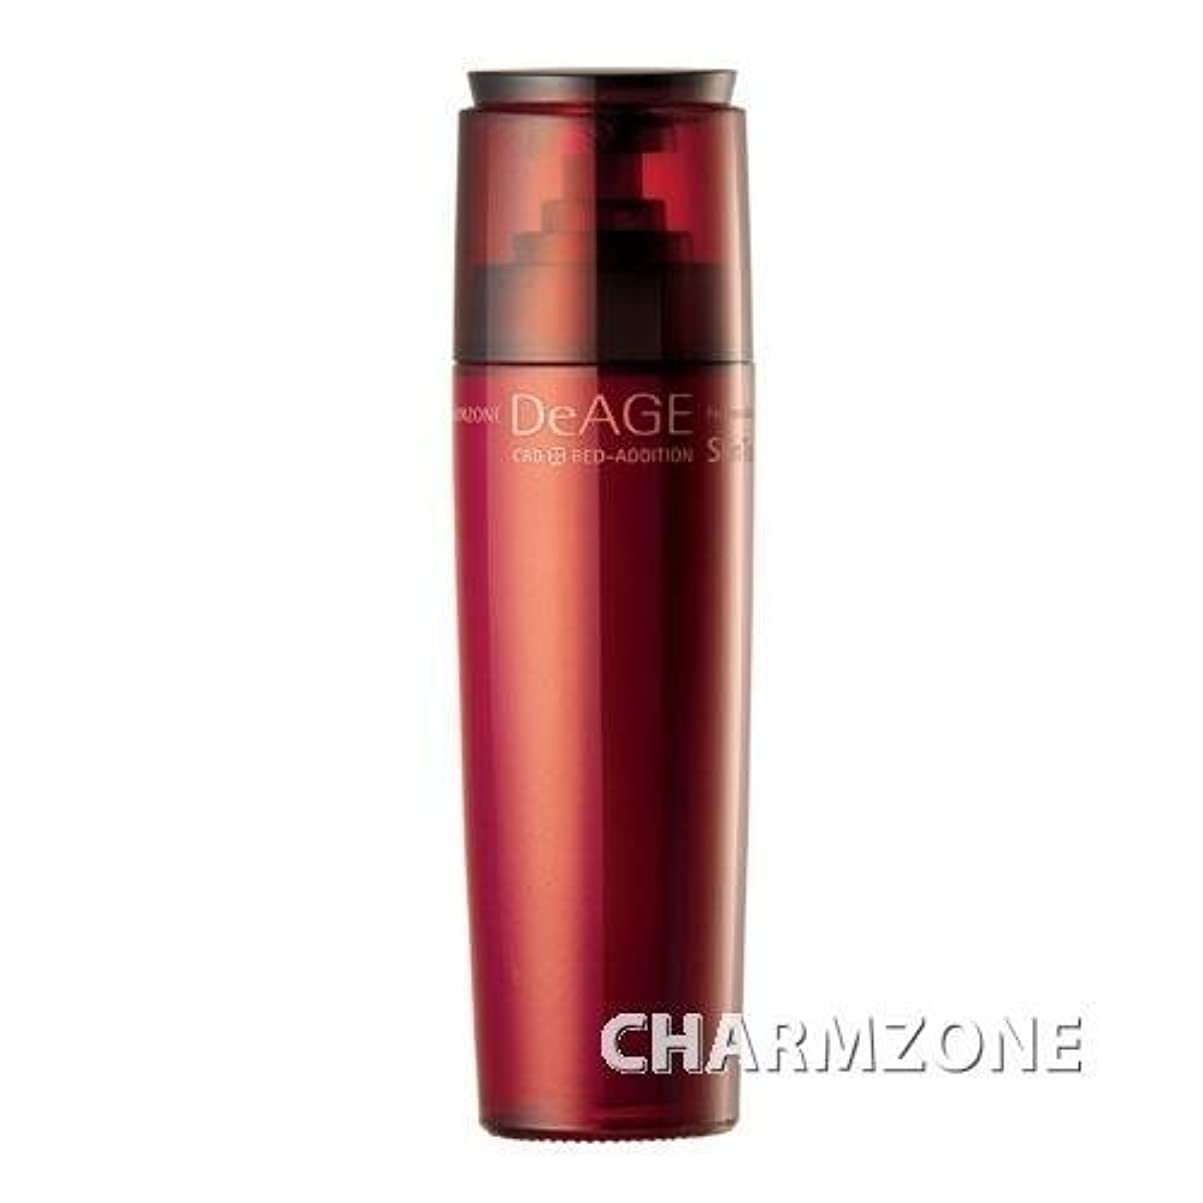 材料地平線痛みCHARMZONE DeAGE RED-ADDITION Skin Toner [Korean Import]